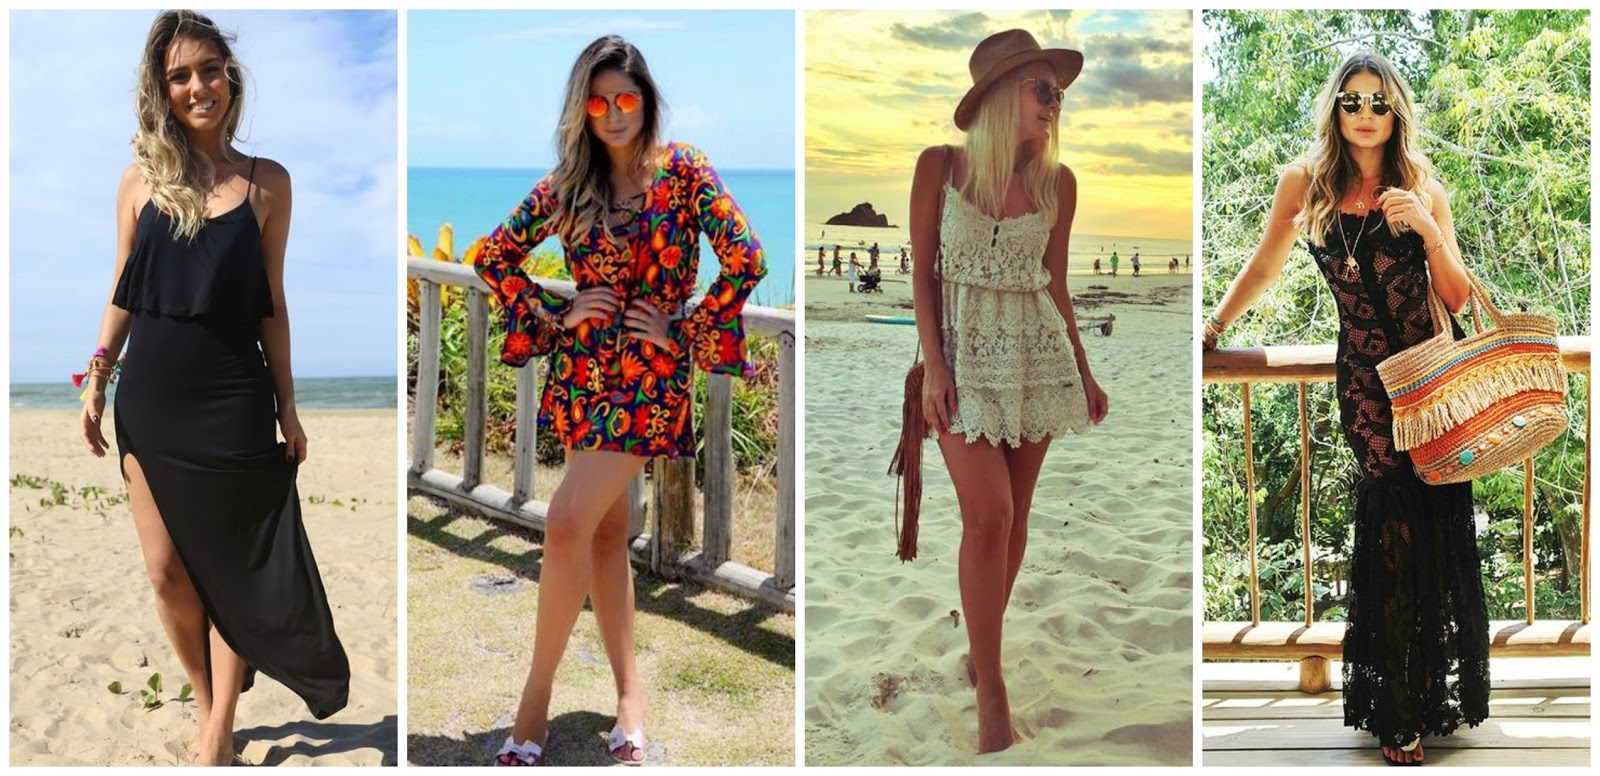 1d60ed004f20 Vestido é algo que também tem cara de verão, então, é mais que liberado usar  vestido como saída de praia! Nesse caso, é melhor optar por tecidos leves e  ...